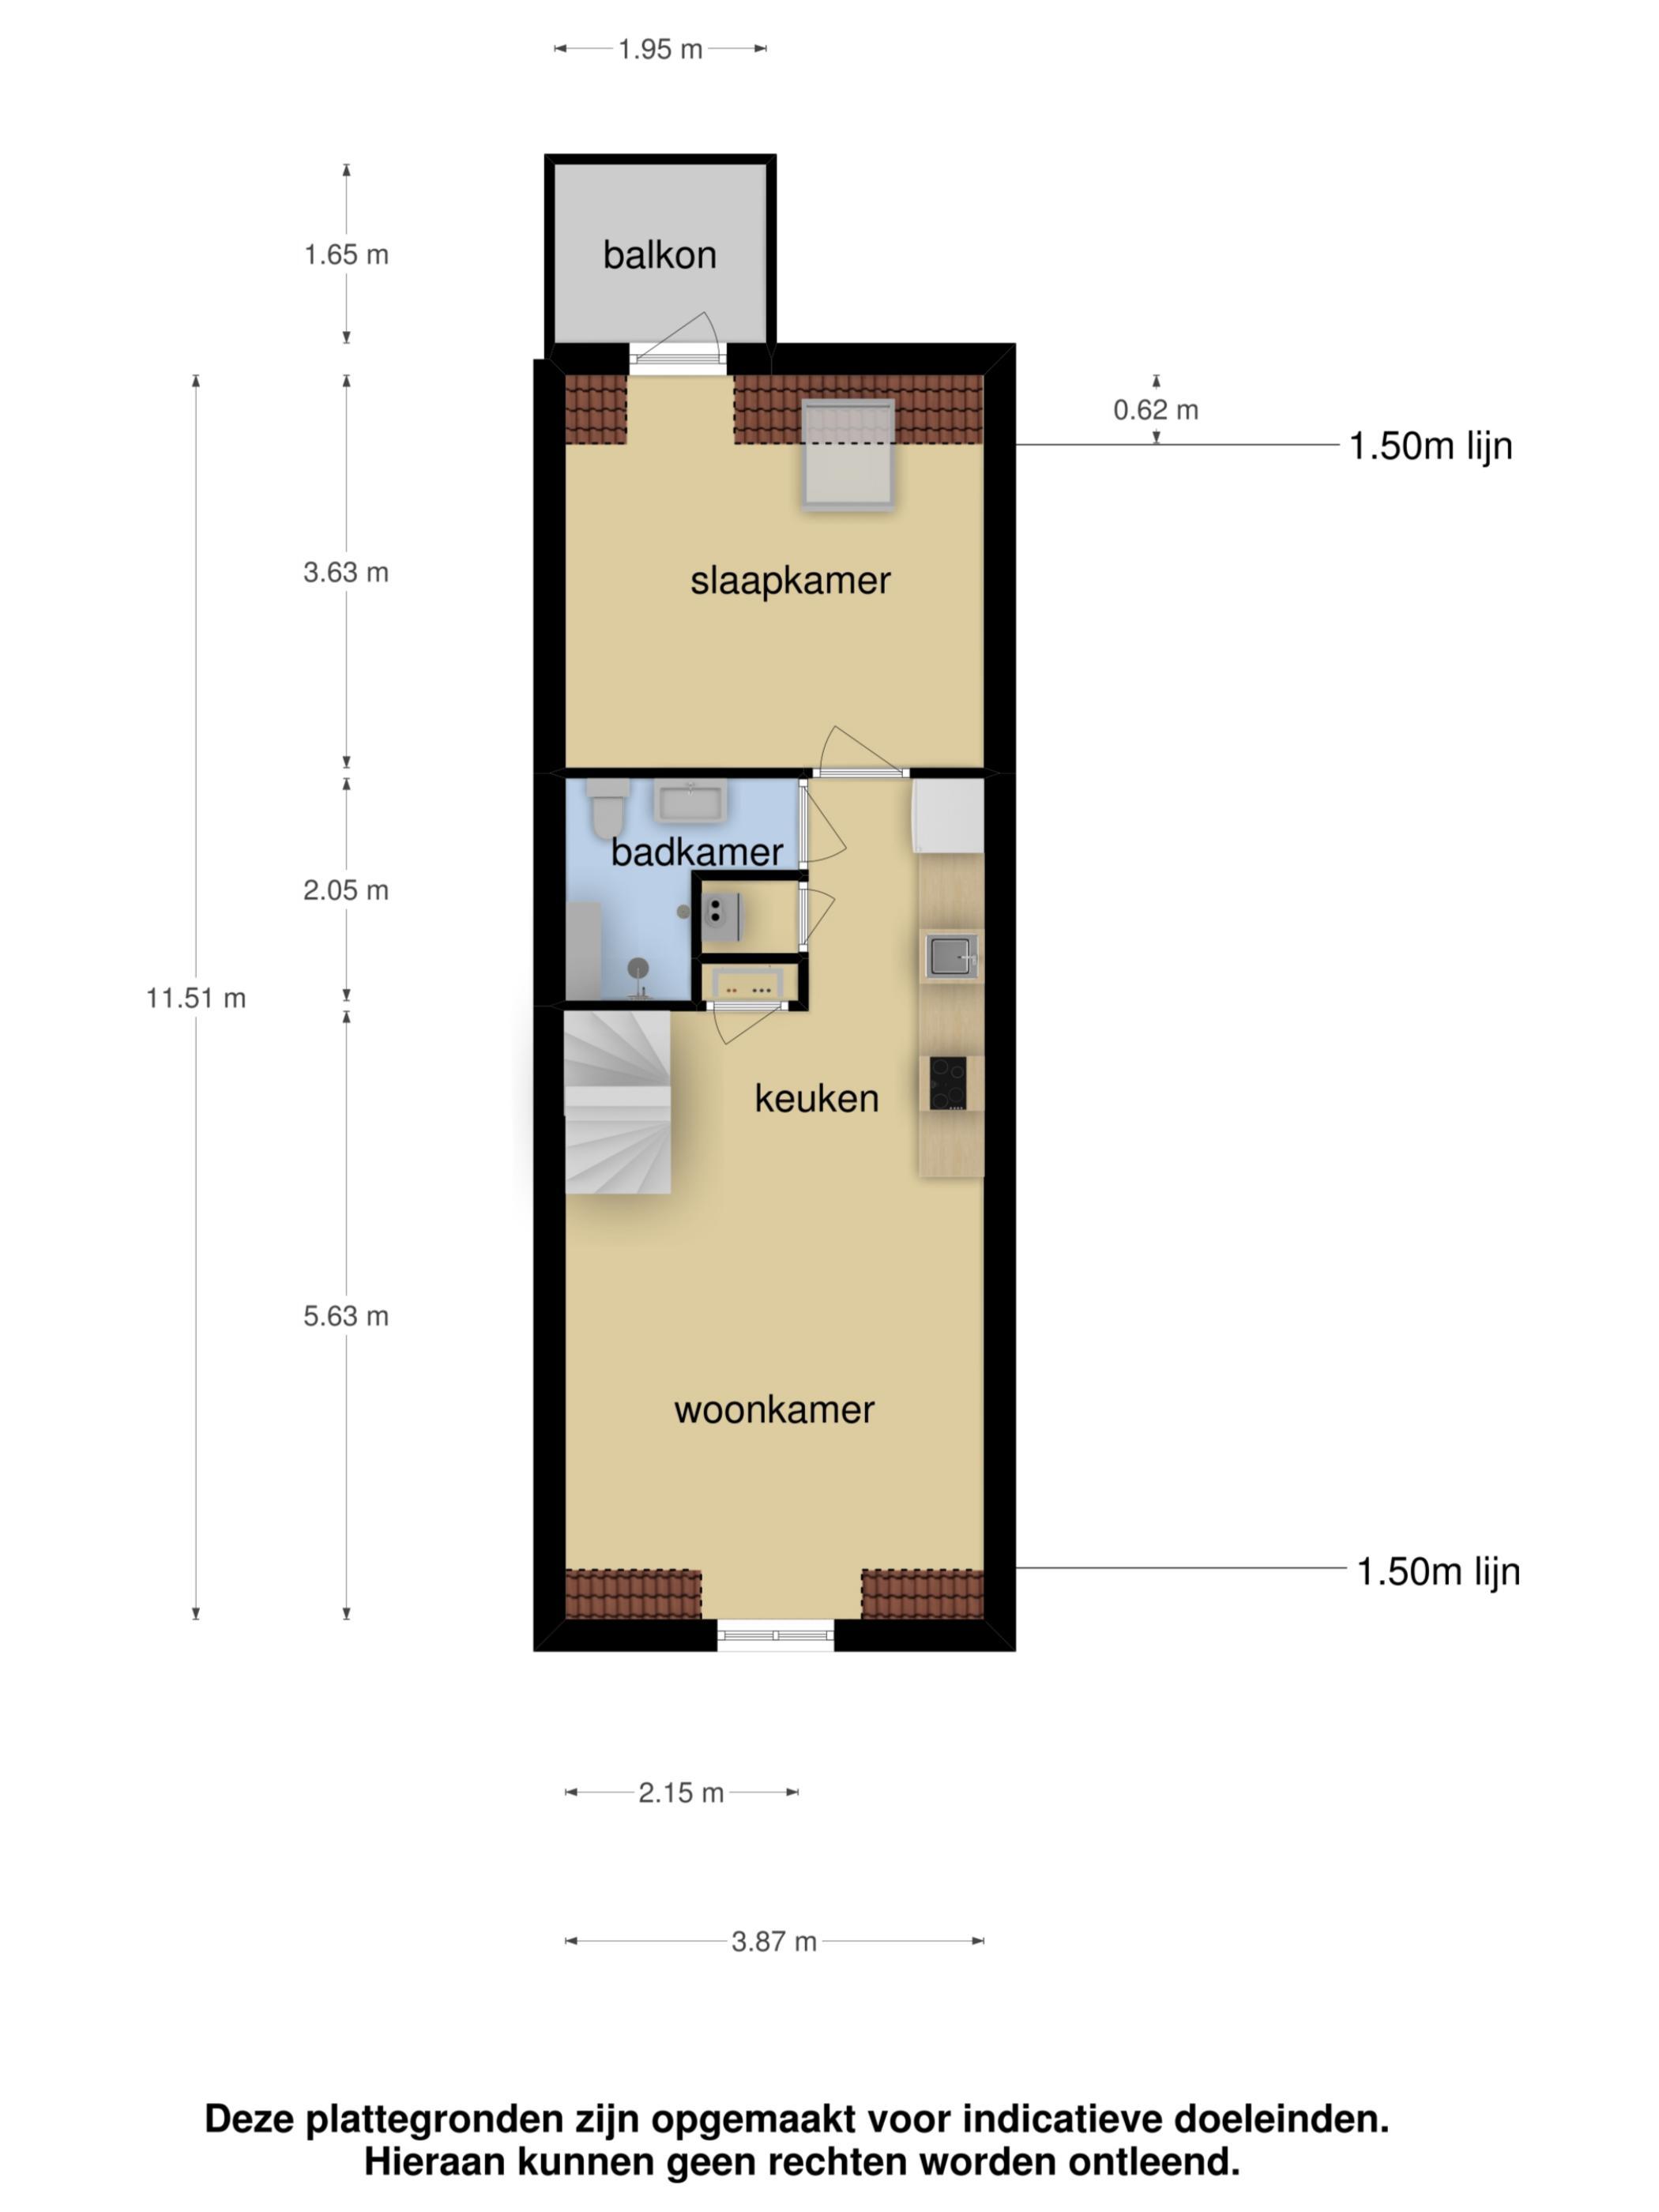 Apartment For Rent Kinkerstraat 200-IV, 1053 EL te Amsterdam